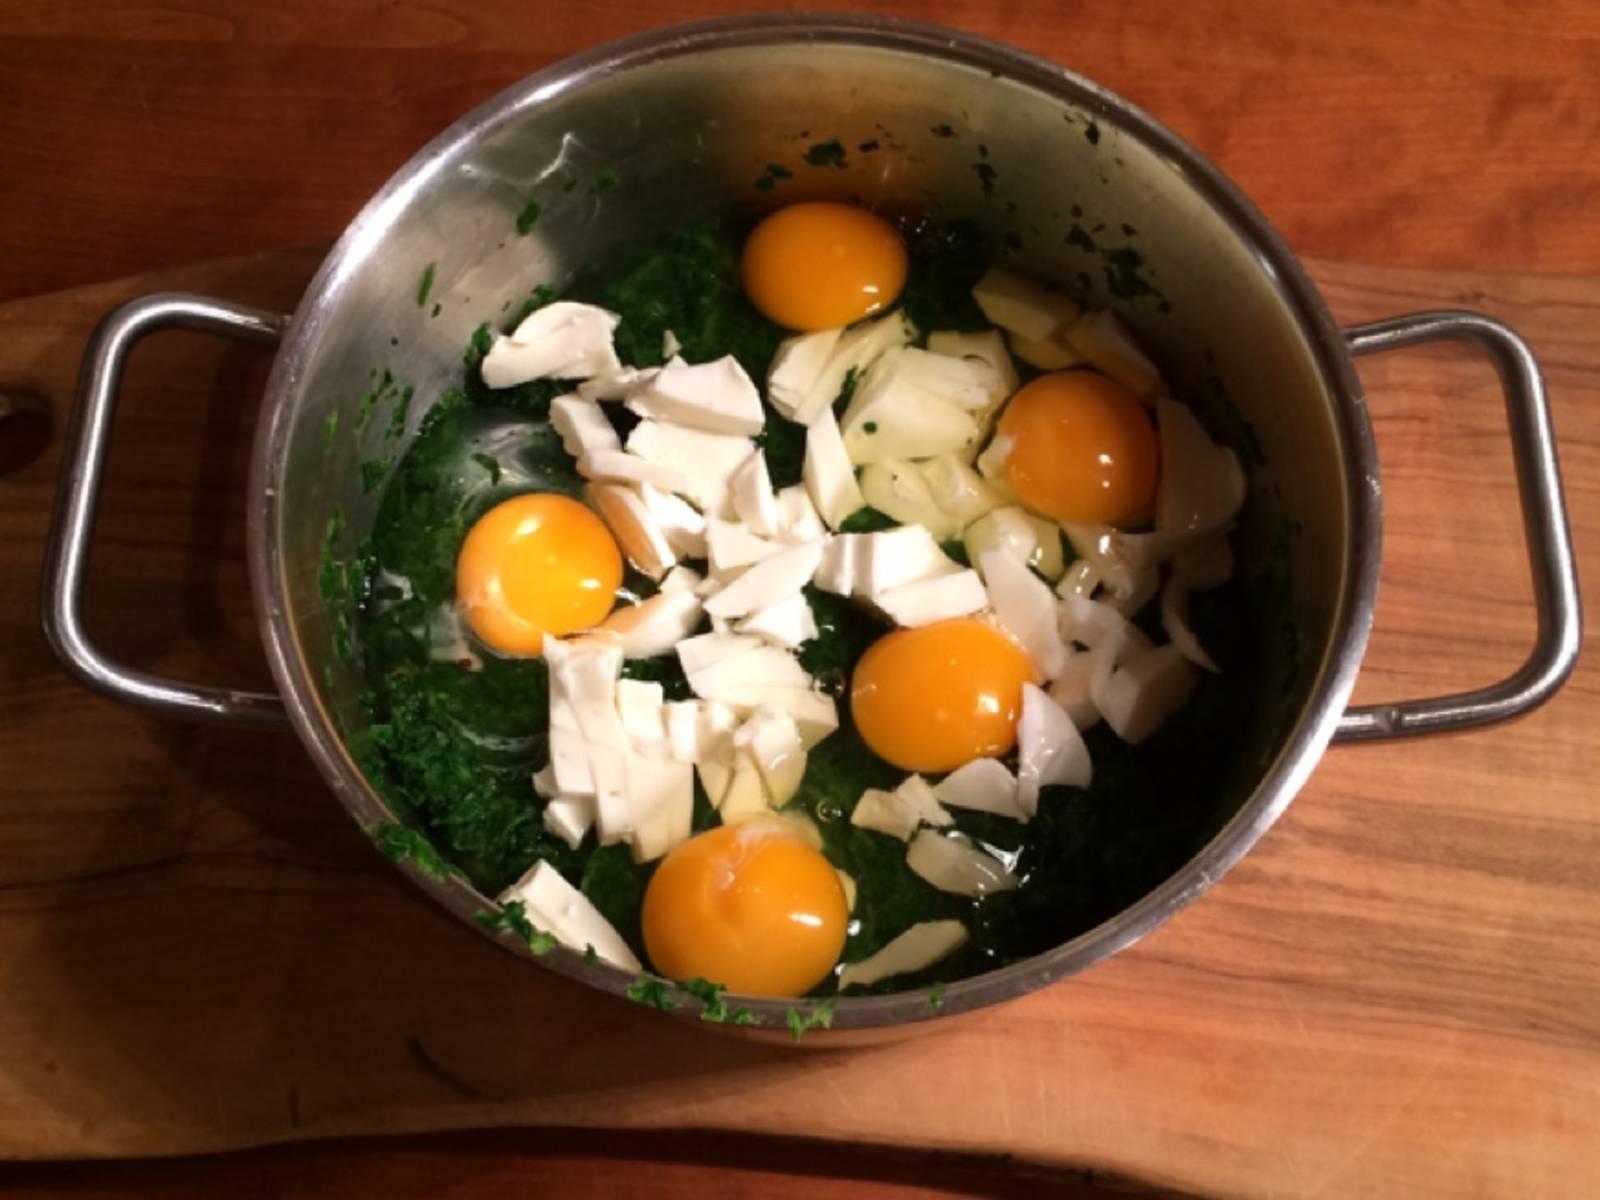 将烤箱预热至200℃。在锅中加热菠菜。此期间,剁碎马苏里拉奶酪。如果菠菜水分太多,可以用筛子辅助滤掉。将鸡蛋和马苏里拉奶酪放到锅中,和菠菜搅拌混合。